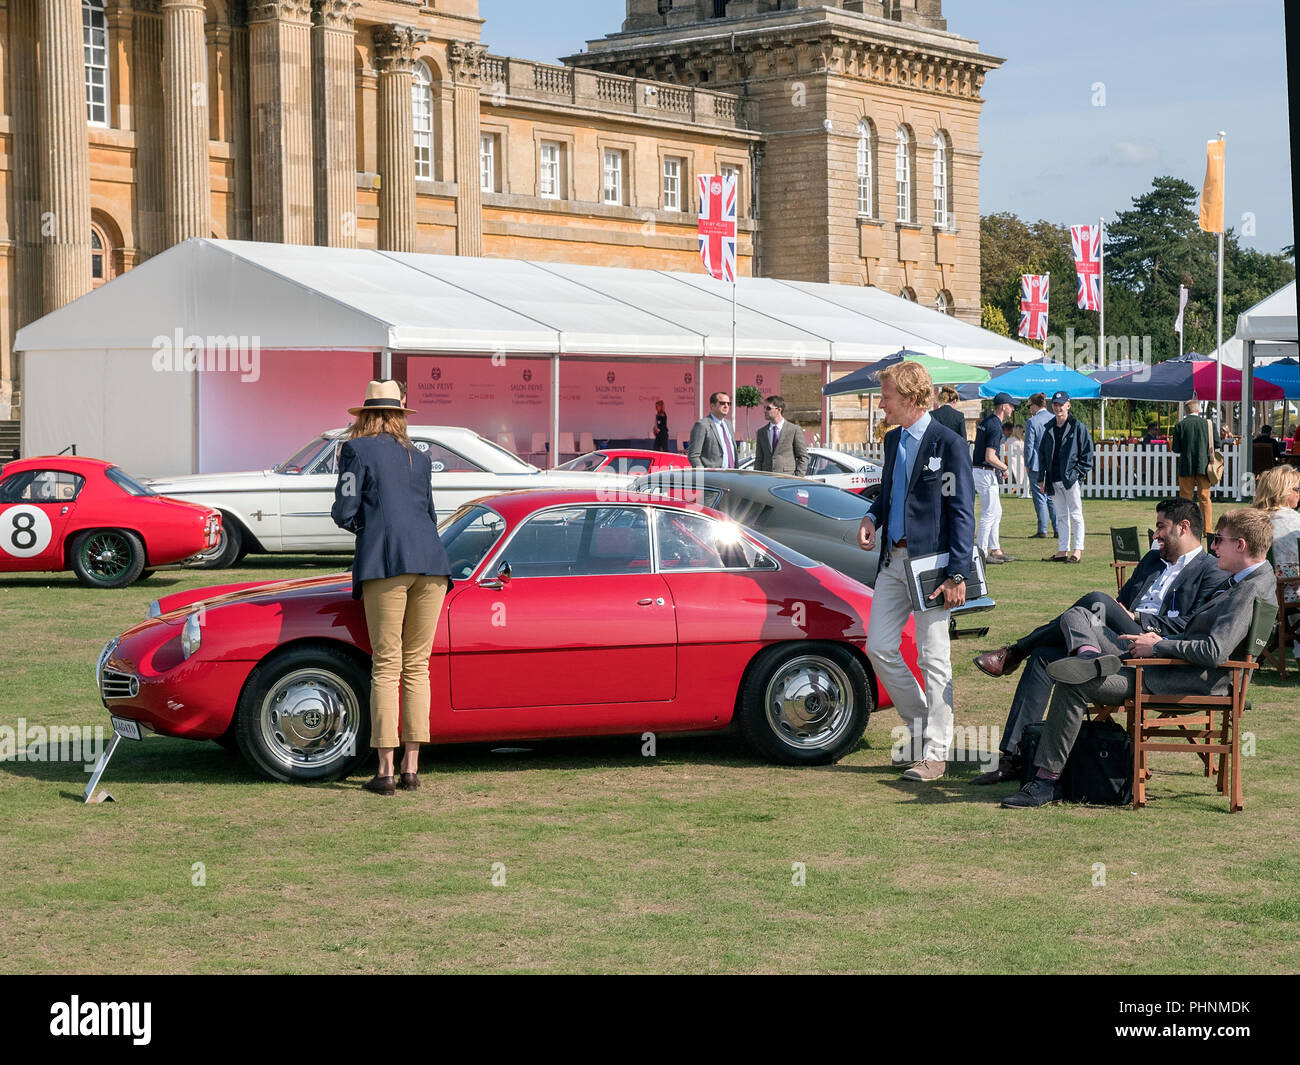 1960 Alfa Romeo Giulietta sprint Zagato a Salon Prenotazione 2018 presso il Palazzo di Blenheim Woodstock Oxfordshire UK Immagini Stock